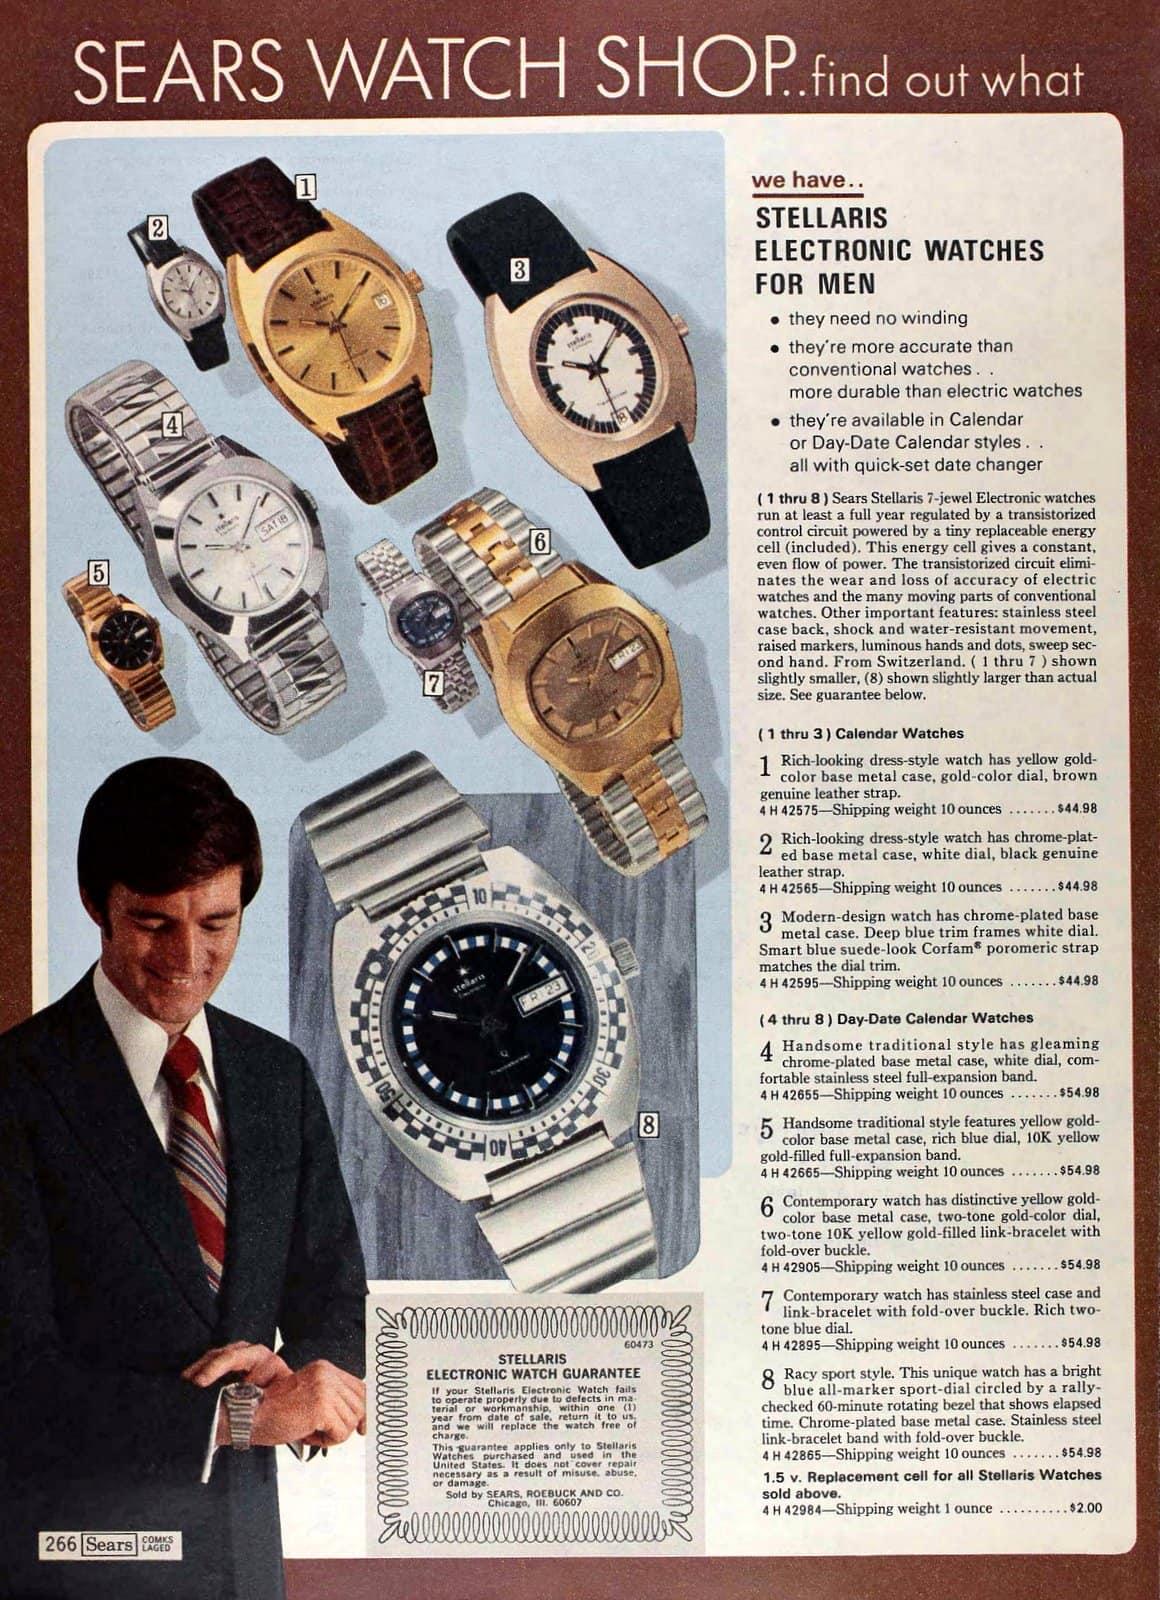 Stellaris electronic watches for men (1974)